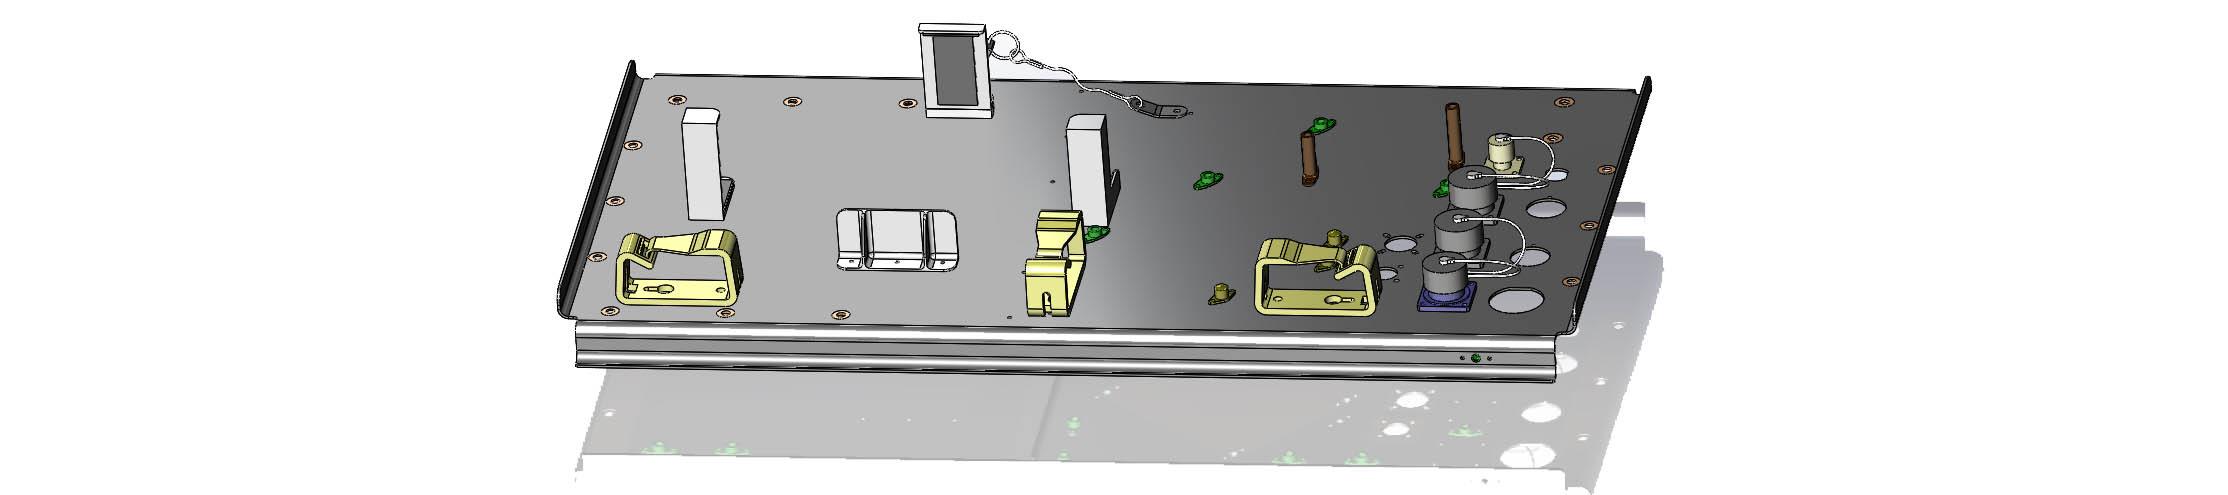 BR425-TASK170(-207-ASSY)-REVB.JPG